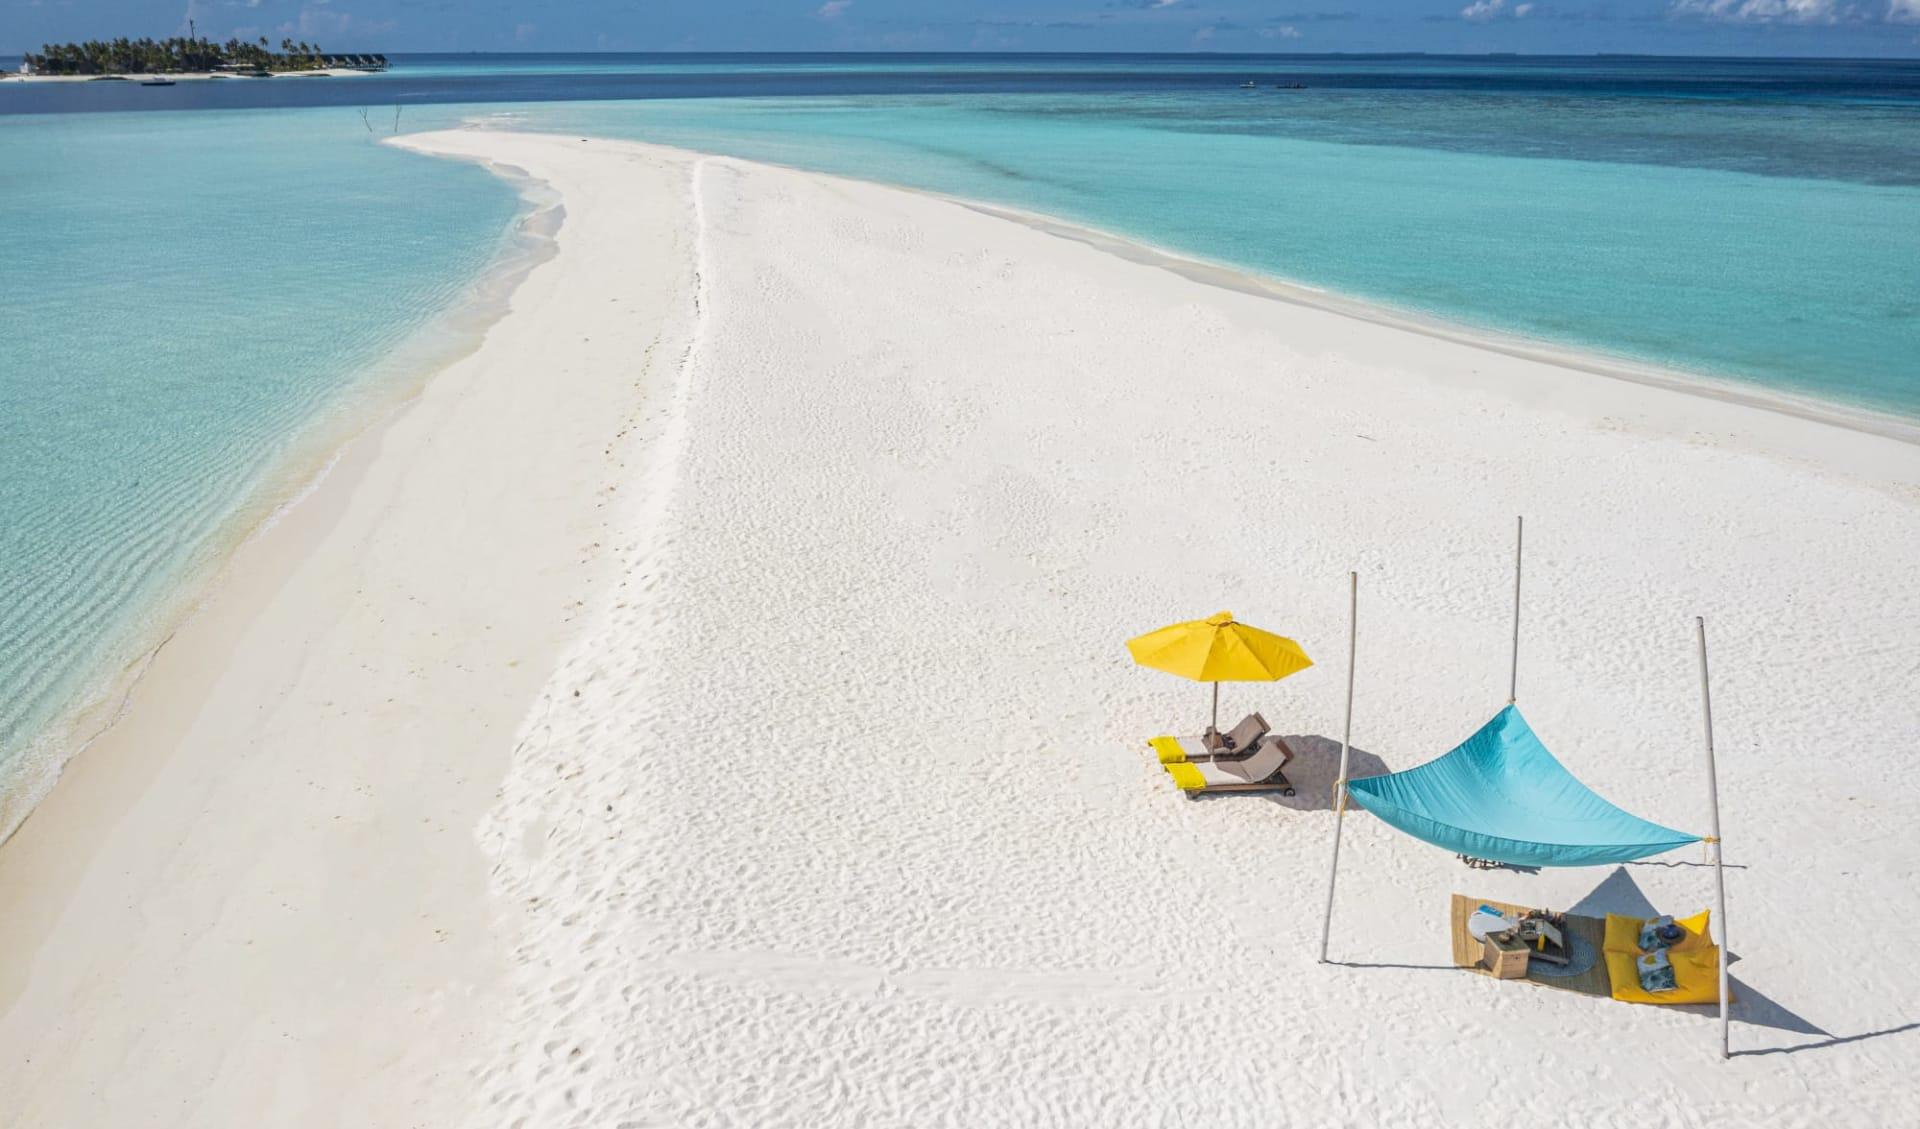 Fushifaru Maldives in Lhaviyani-Atoll:  Sandbank Excursion